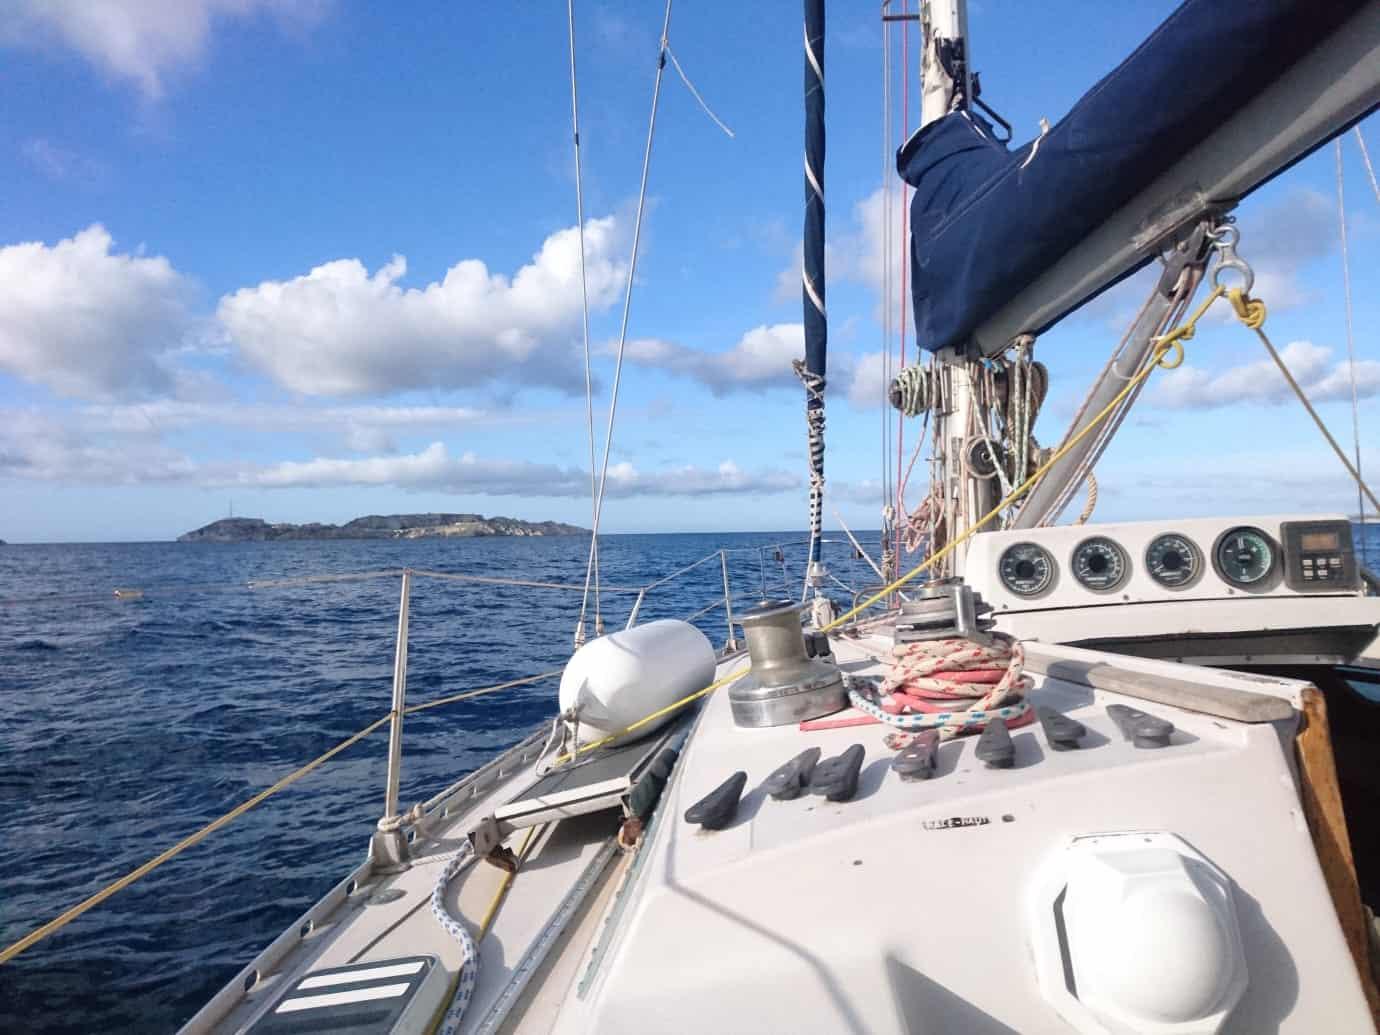 sailing-marseille-1.jpeg